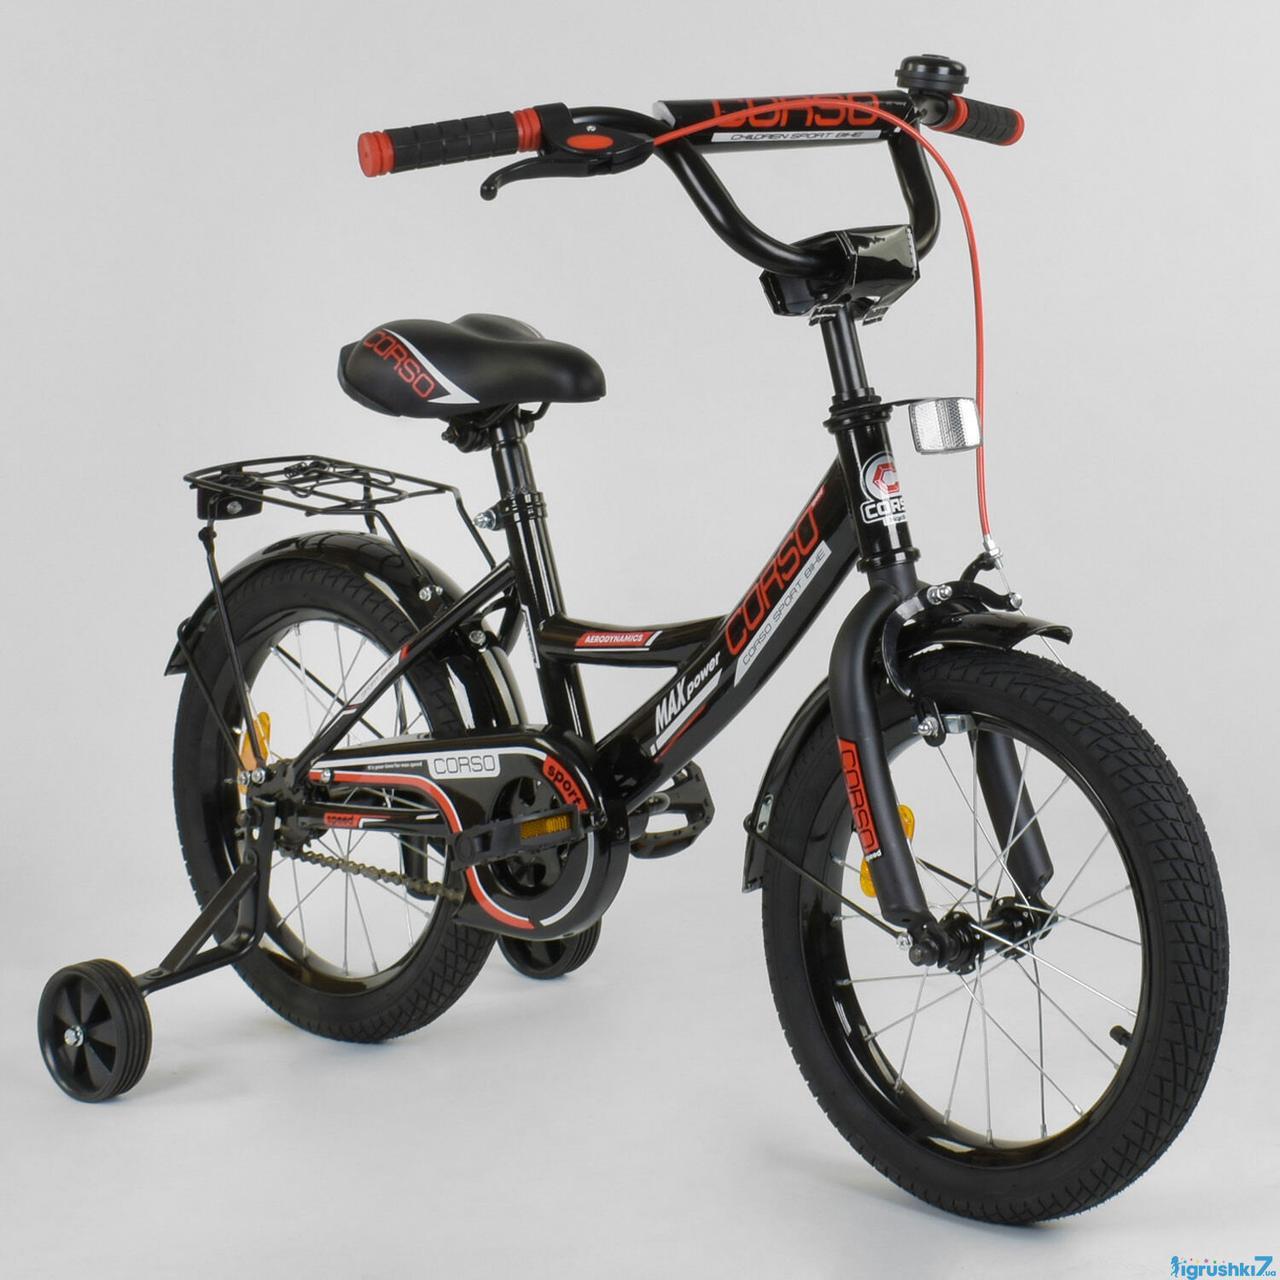 Детский двухколесный велосипед колеса 16 дюймов Corso CL-16 P 4482 черный